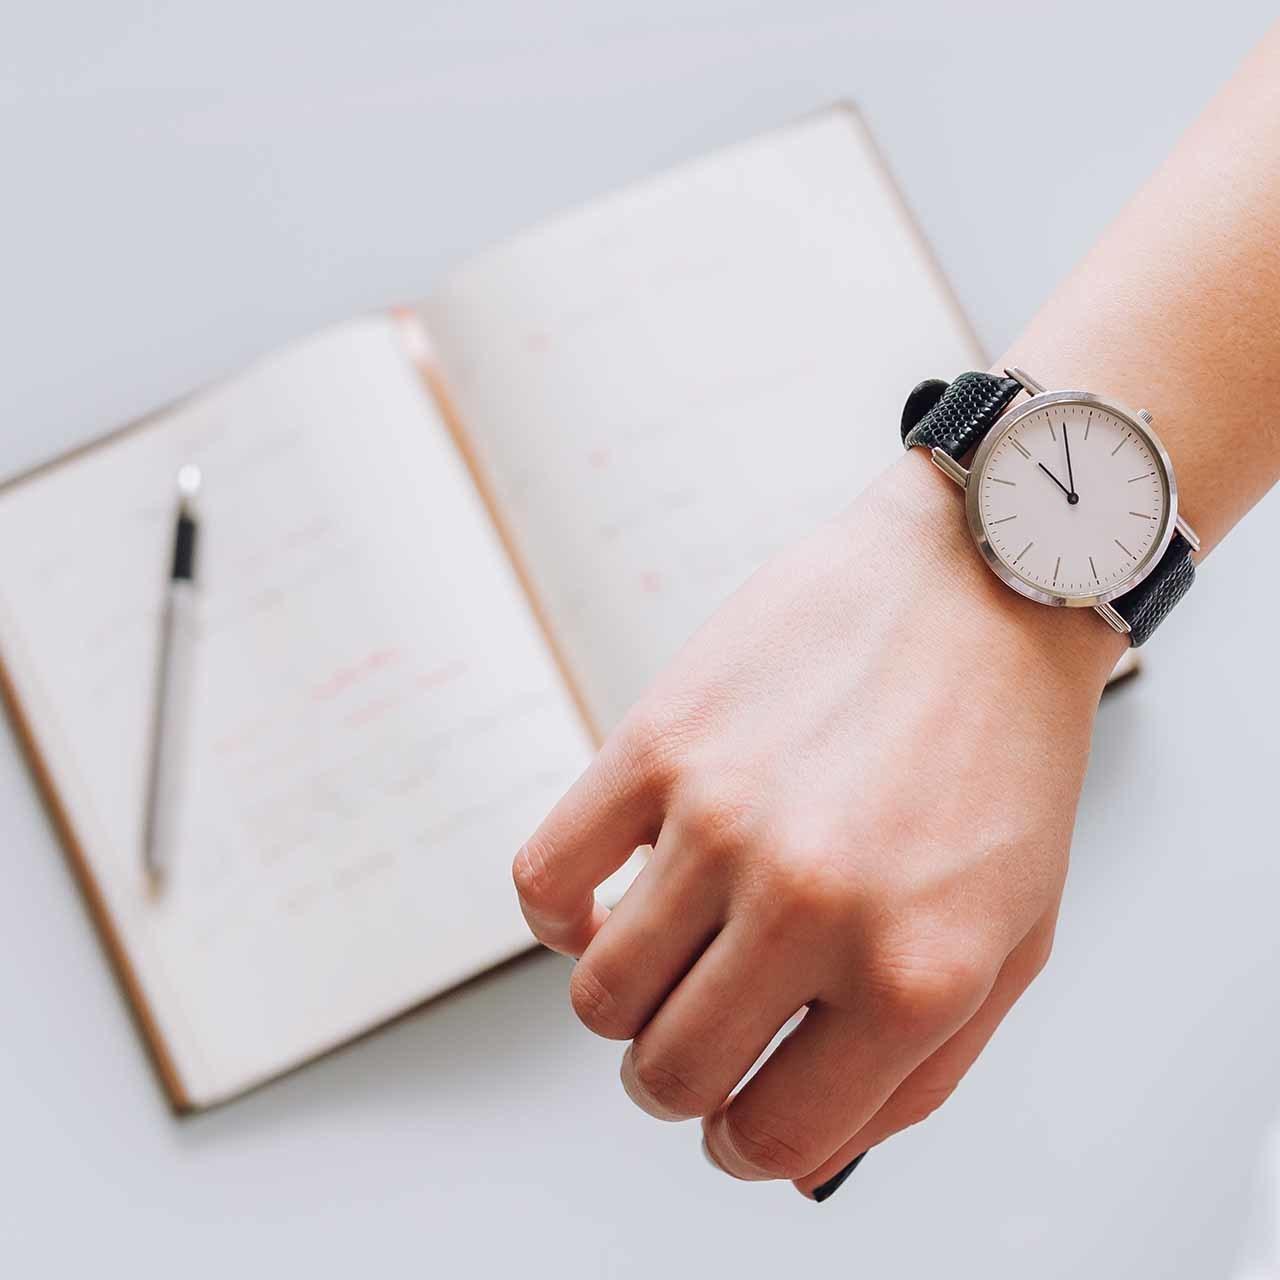 スケジュール管理をする女性の手帳と腕時計